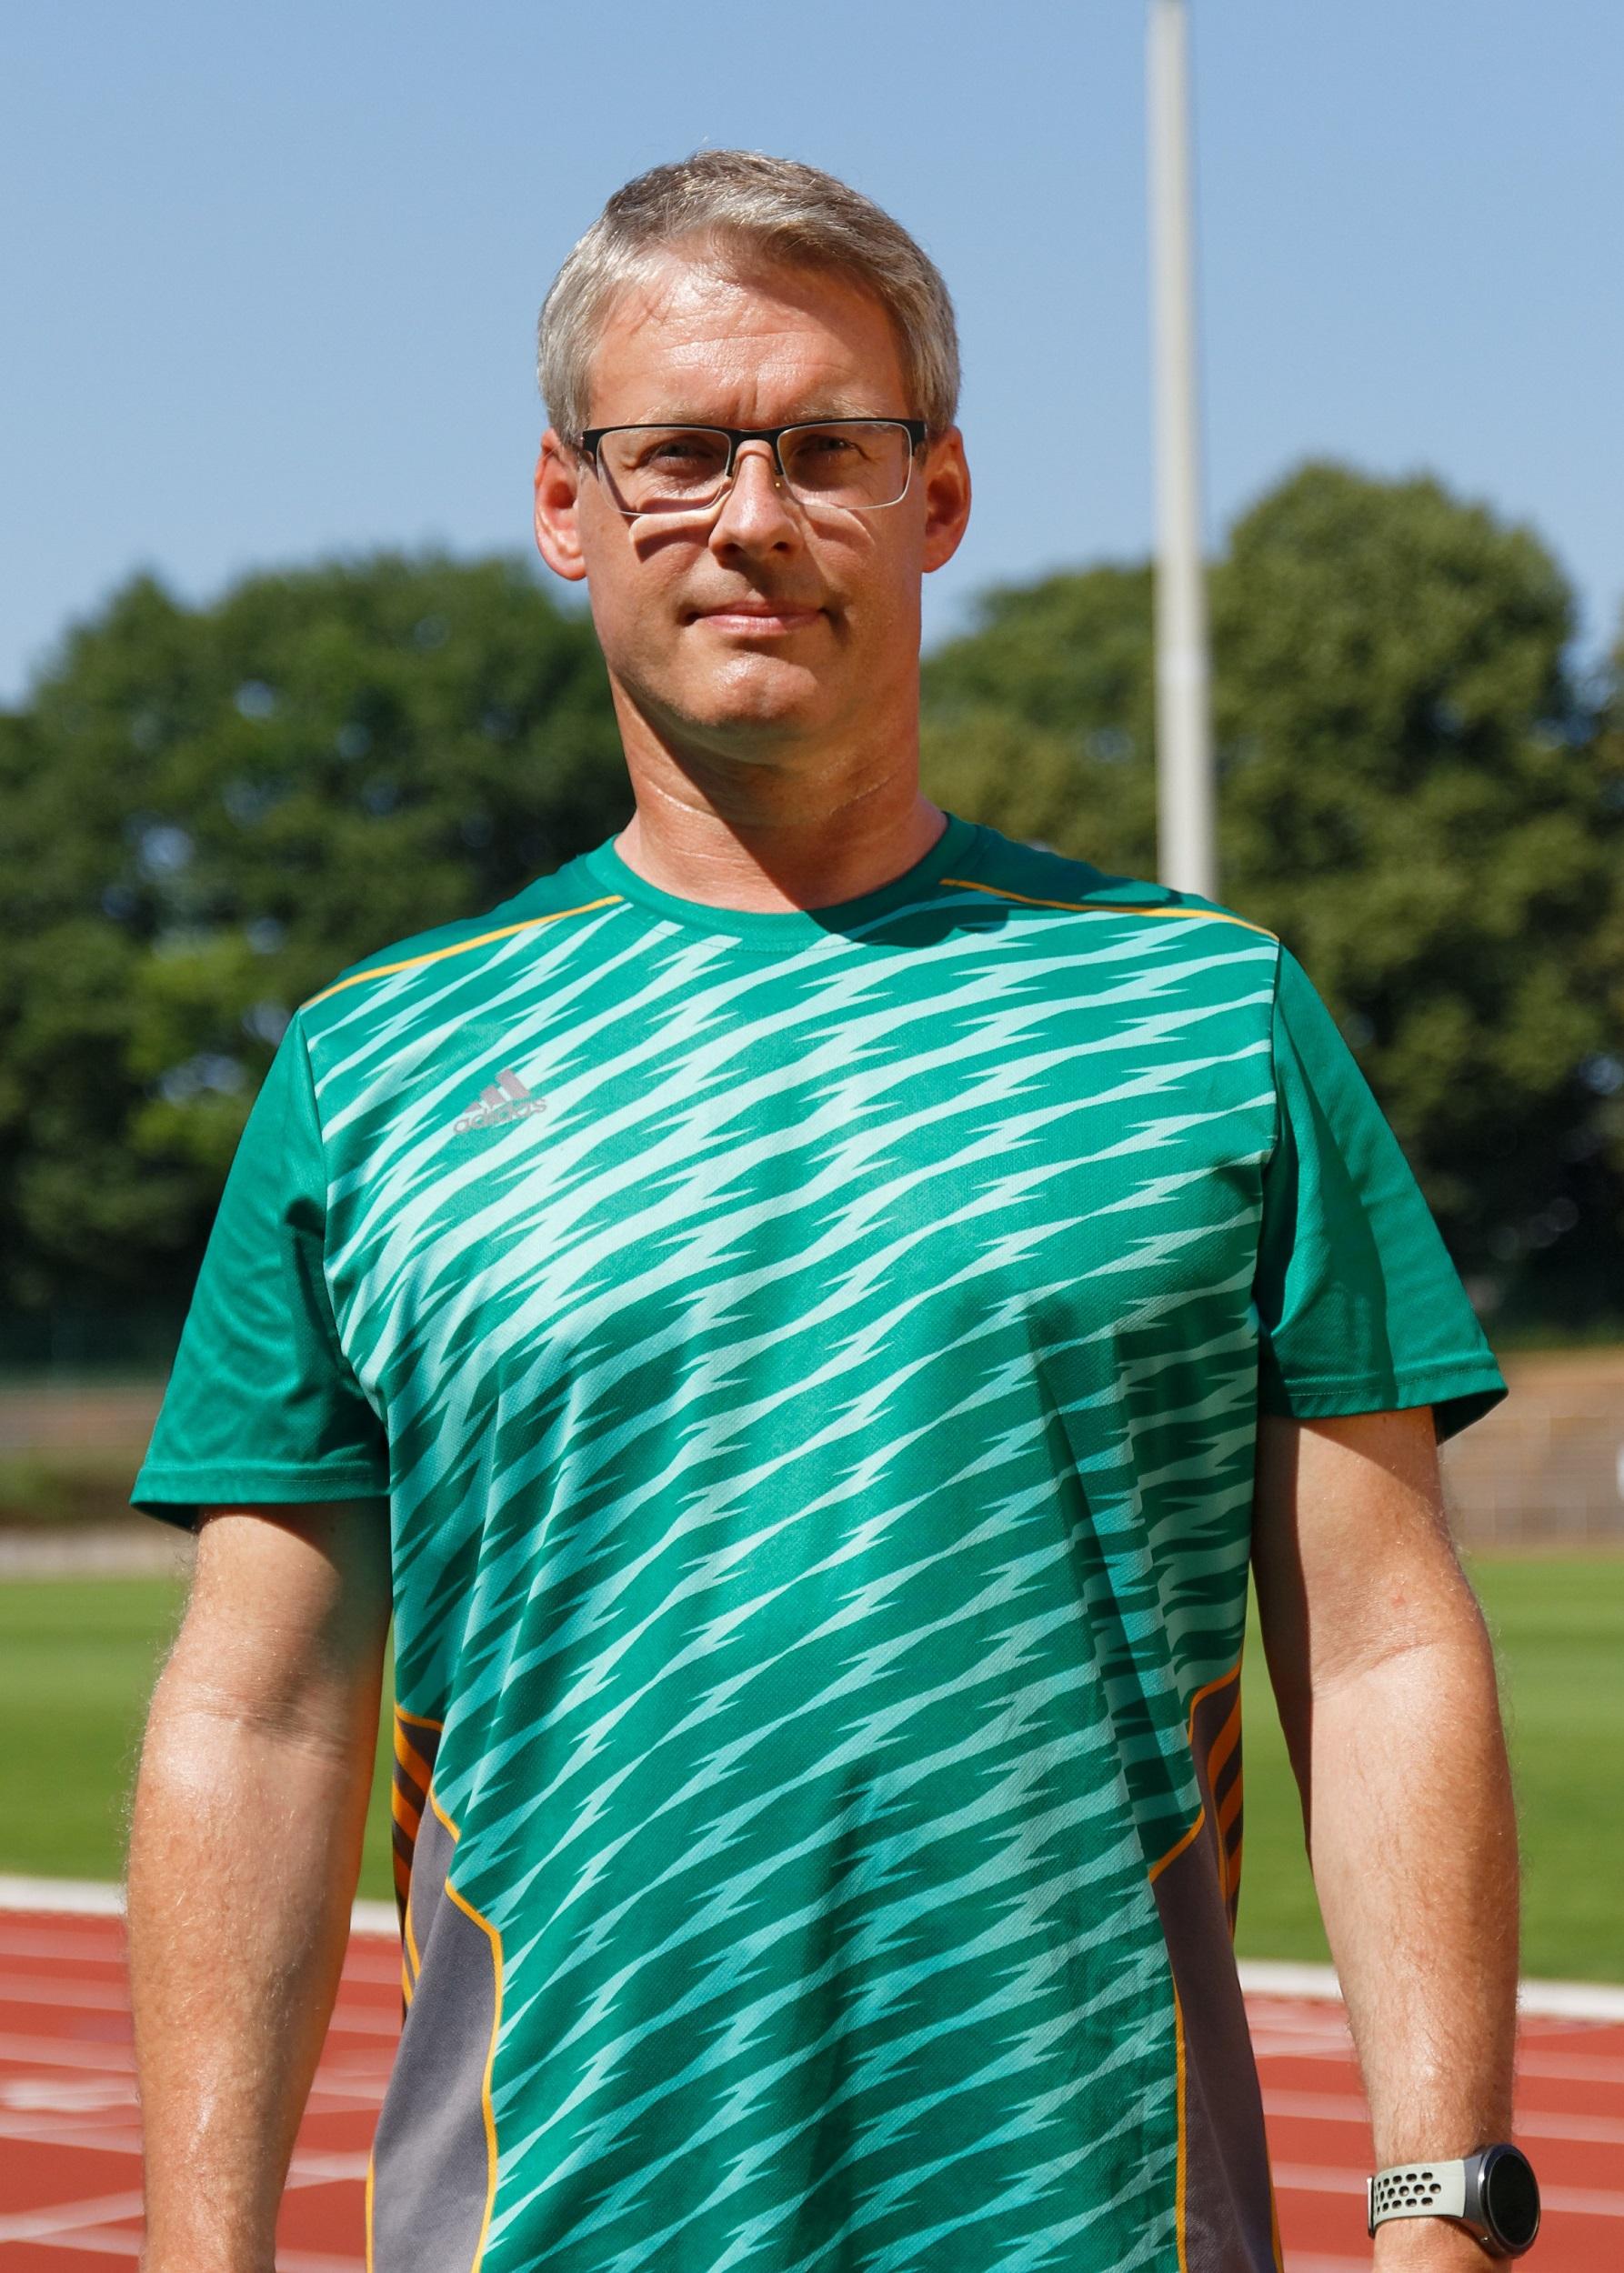 Andre Giesen